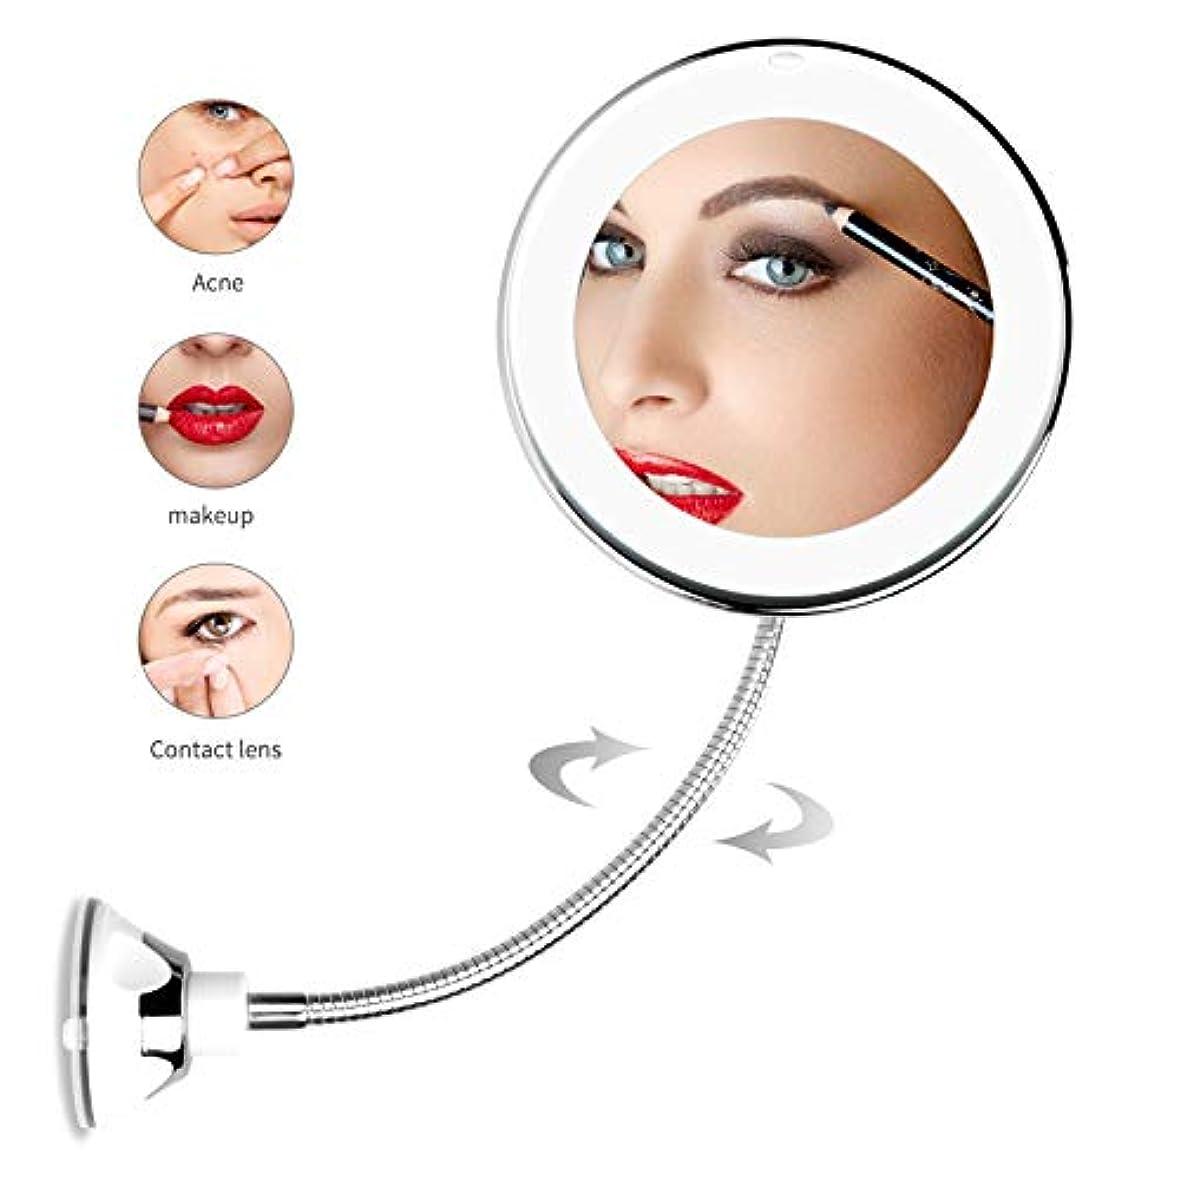 感じロードされた涙が出る化粧鏡 卓上 化粧ミラー 鏡 led付き 拡大鏡 5倍 明るさ調節可能 360°回転 強力な吸盤付き